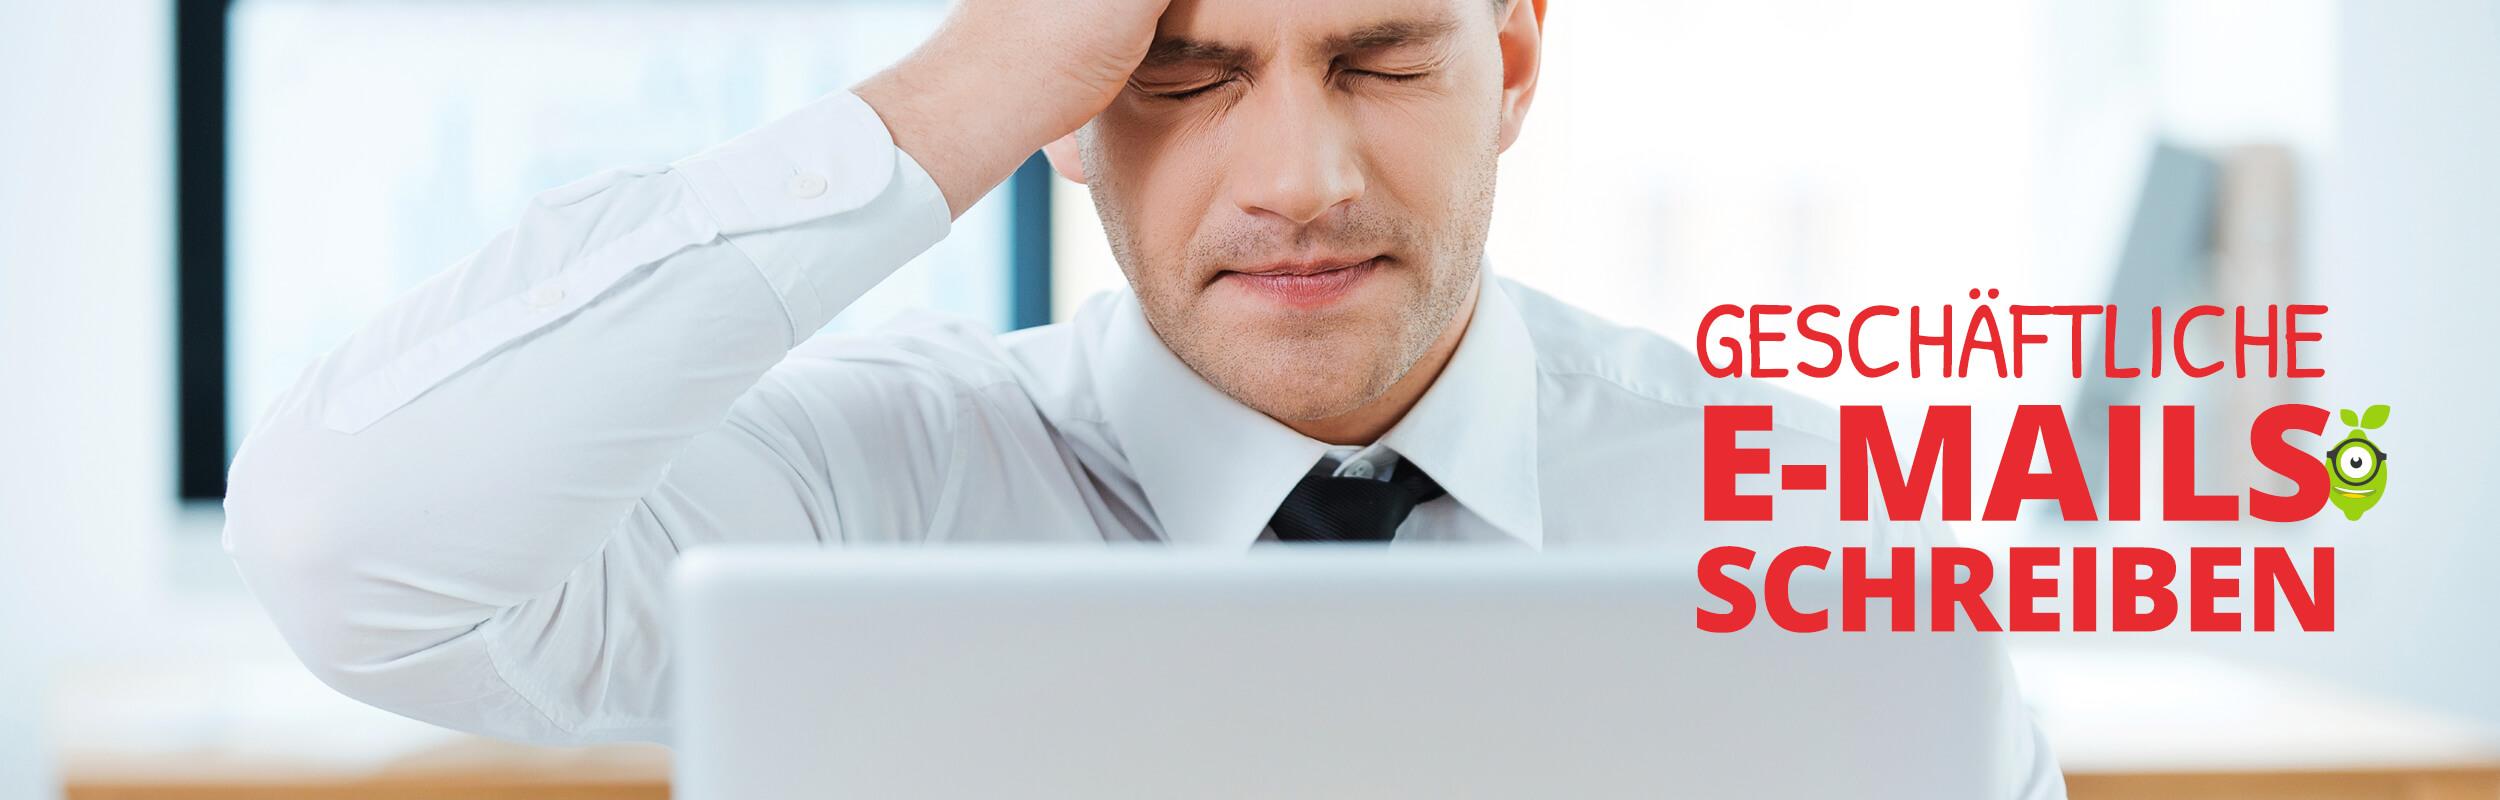 Man beim Schreiben einer geschäftlichen E-Mail